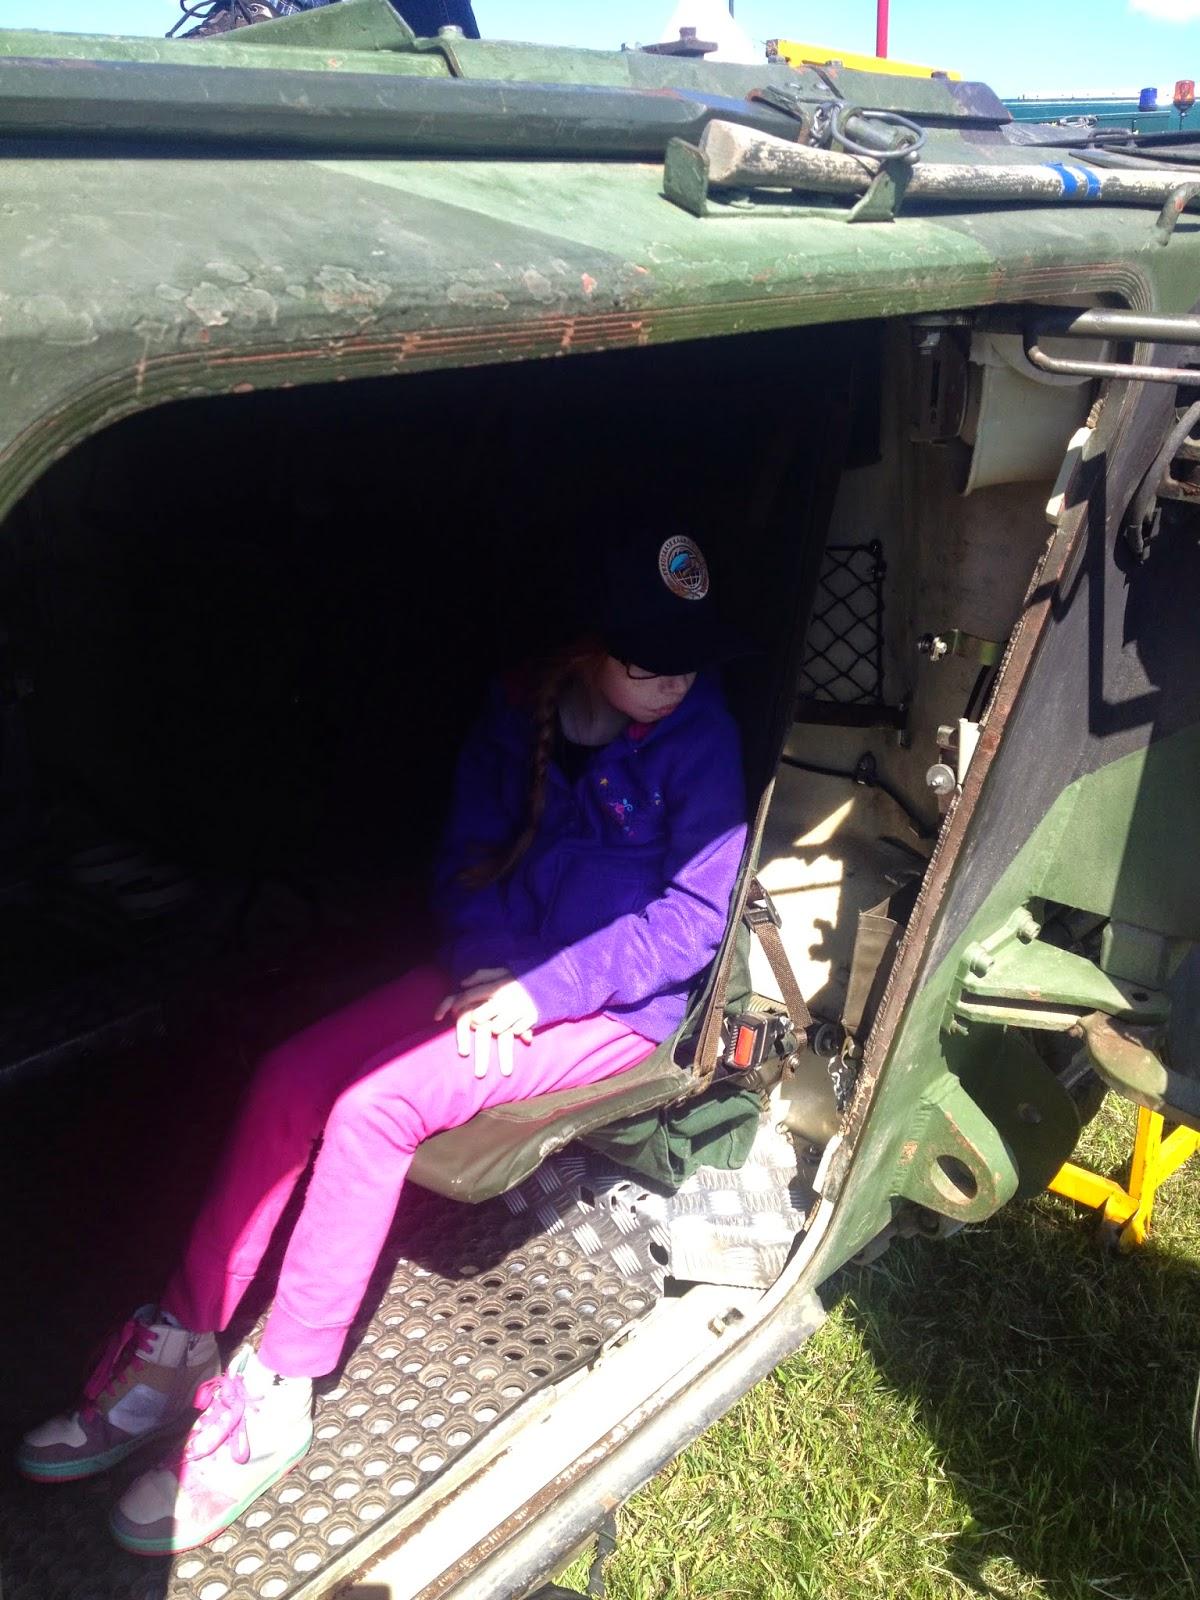 Vi letade igenom vagnen efter eventuella sprangladdningar